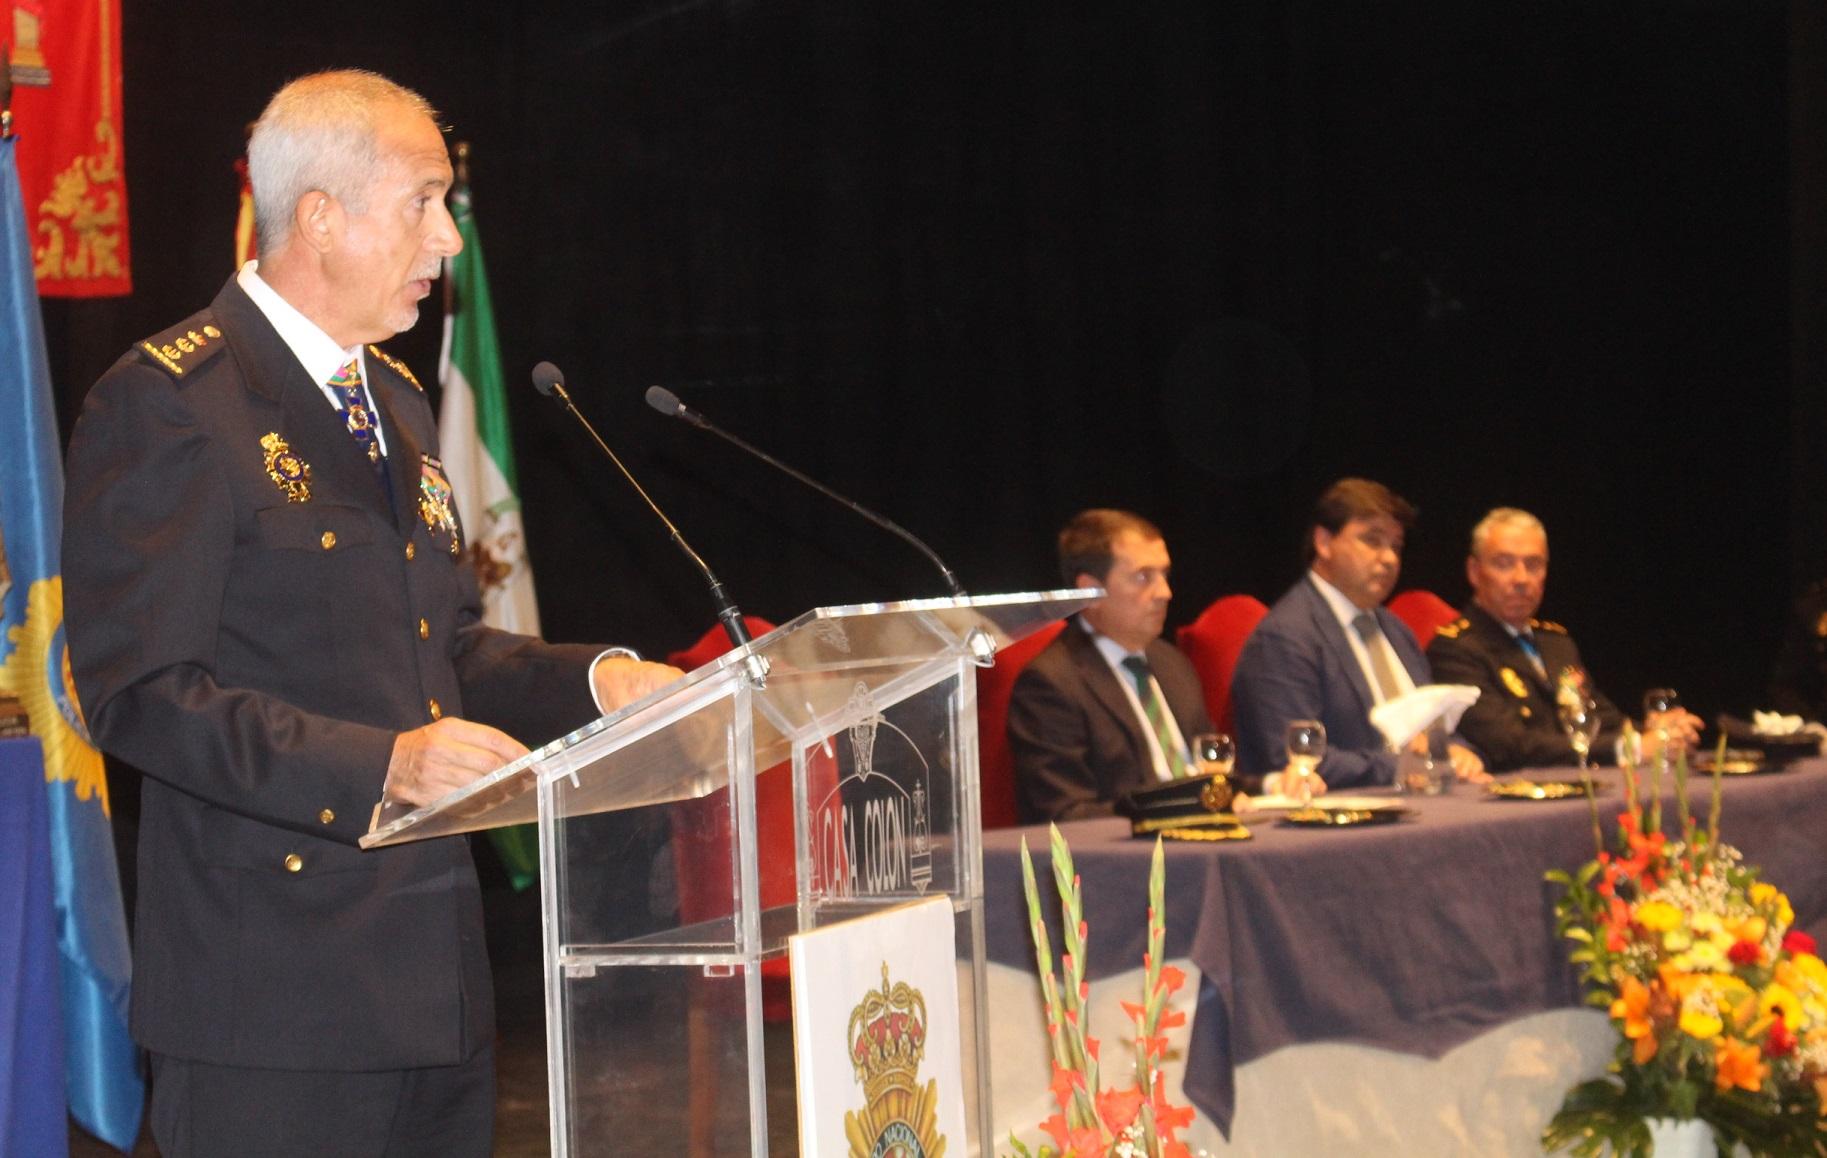 20161003 Día Policía Nacional comisario discurso 2 (1)